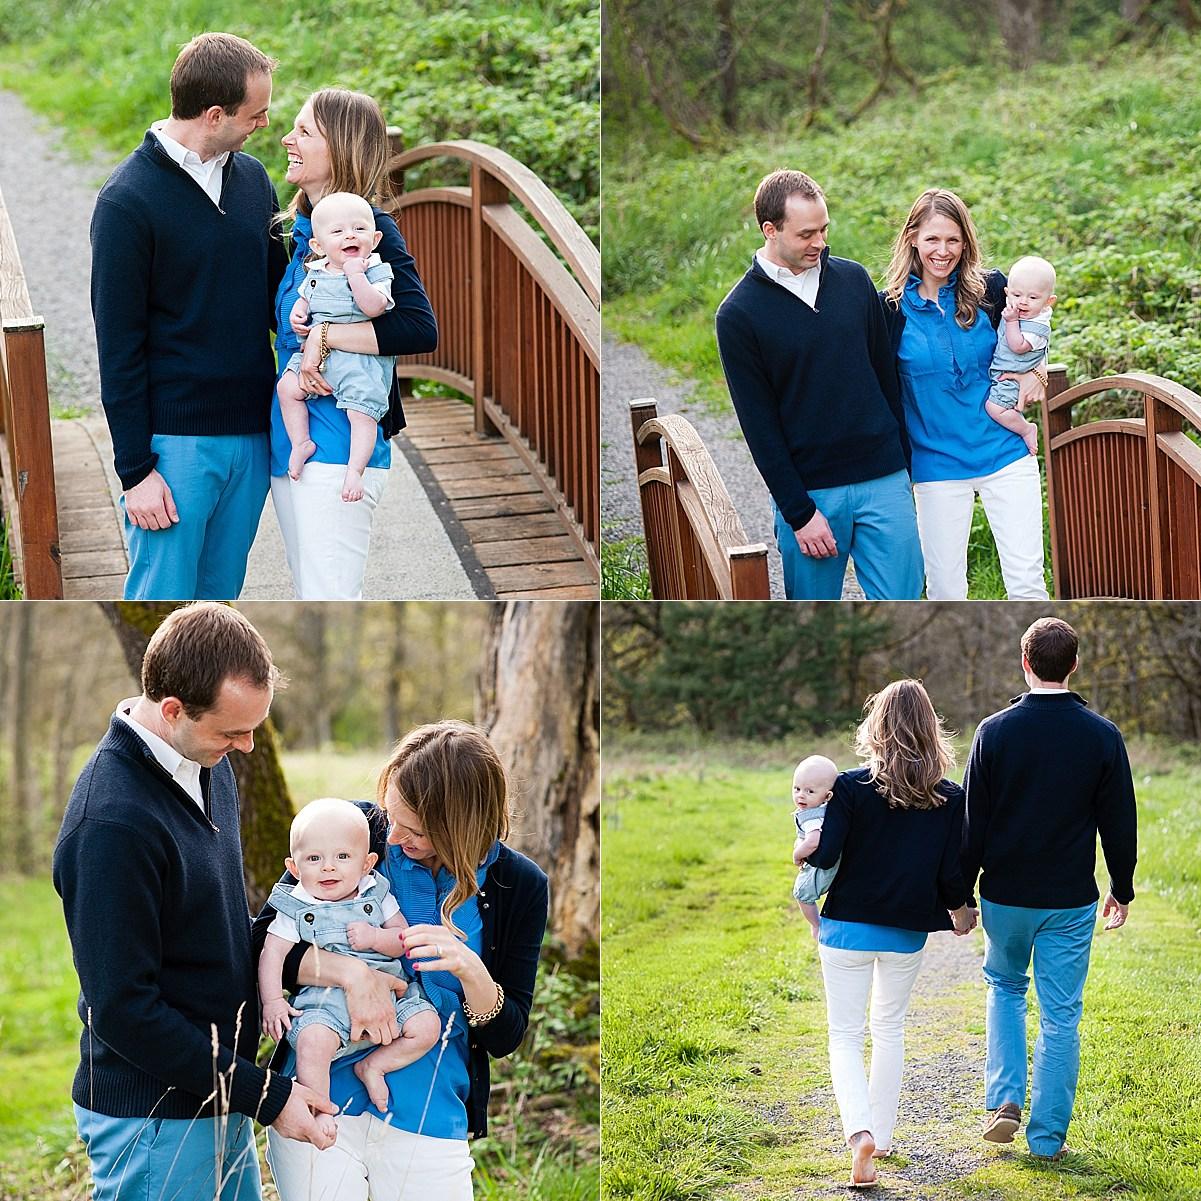 62JamesKing_6mos16_Camas Family Photographer.jpg